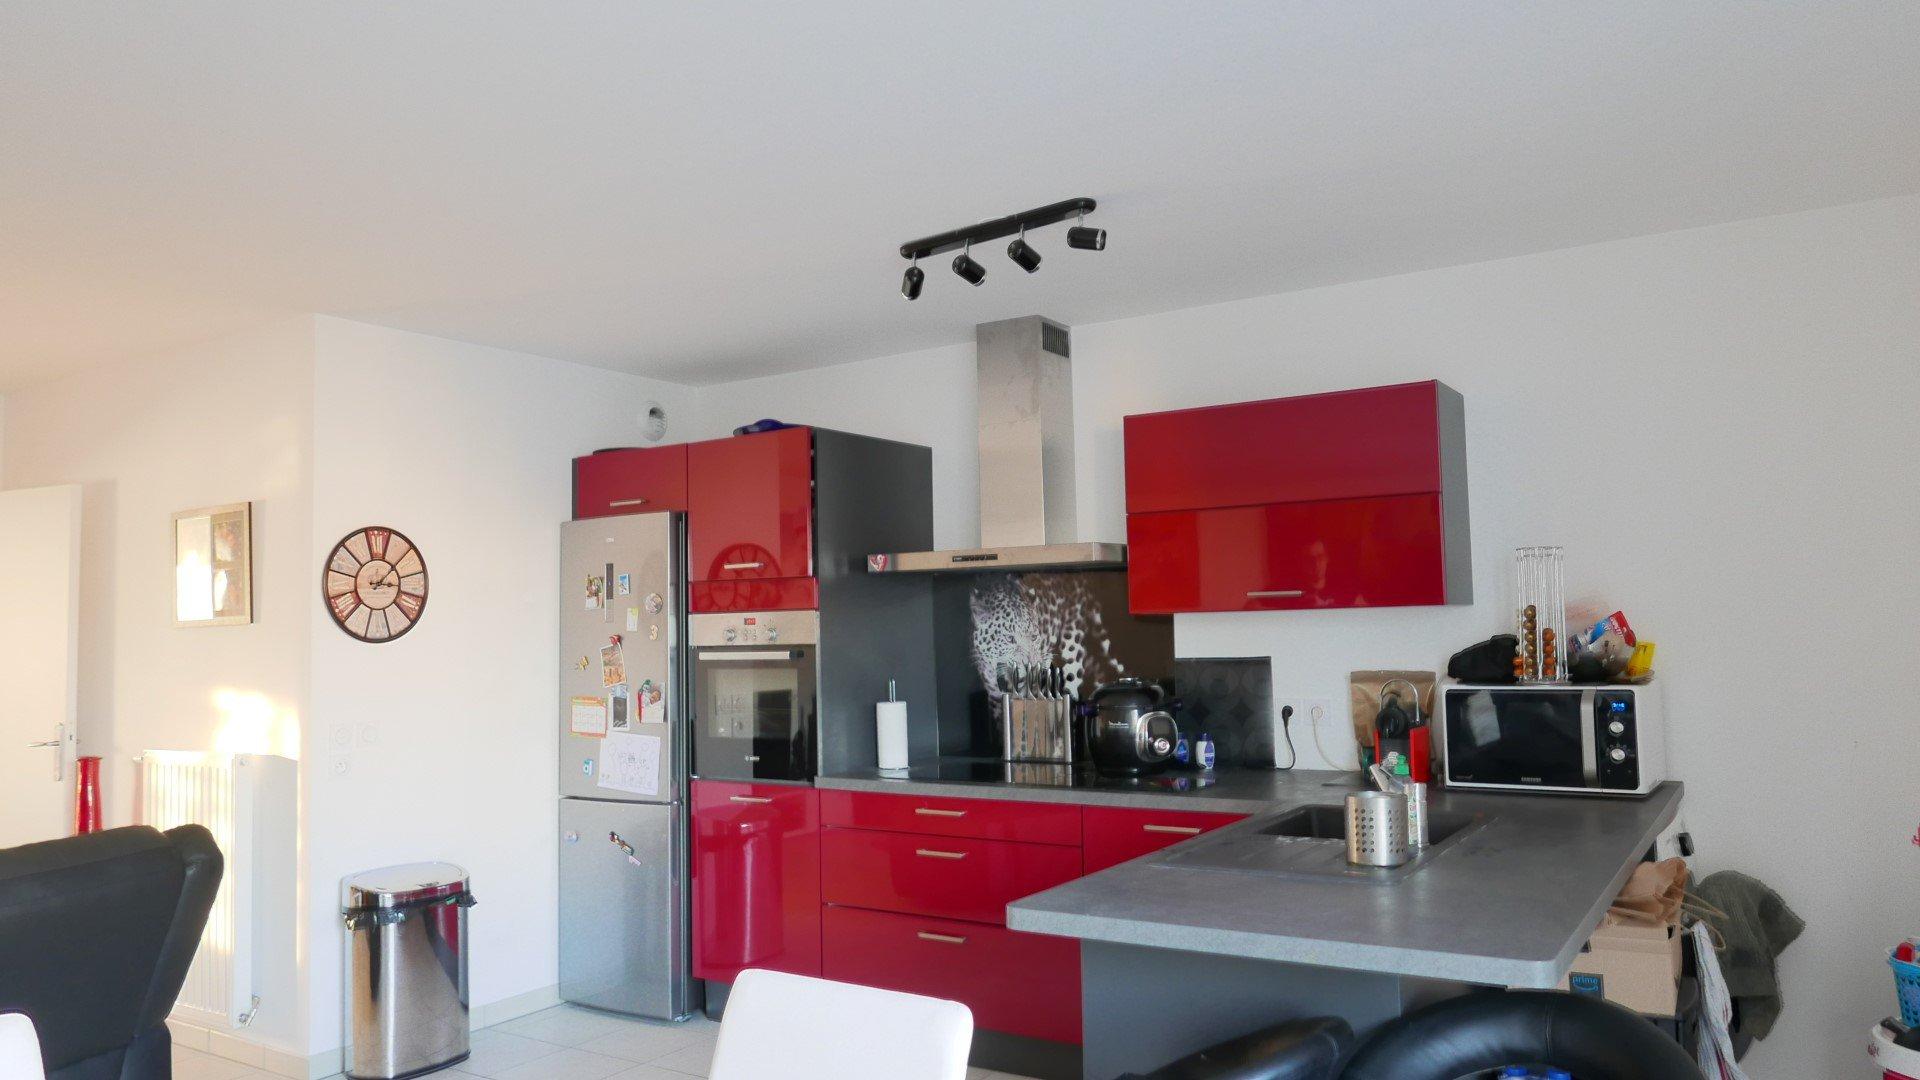 Achat Appartement Surface de 92 m², 4 pièces, Lyon 3ème (69003)